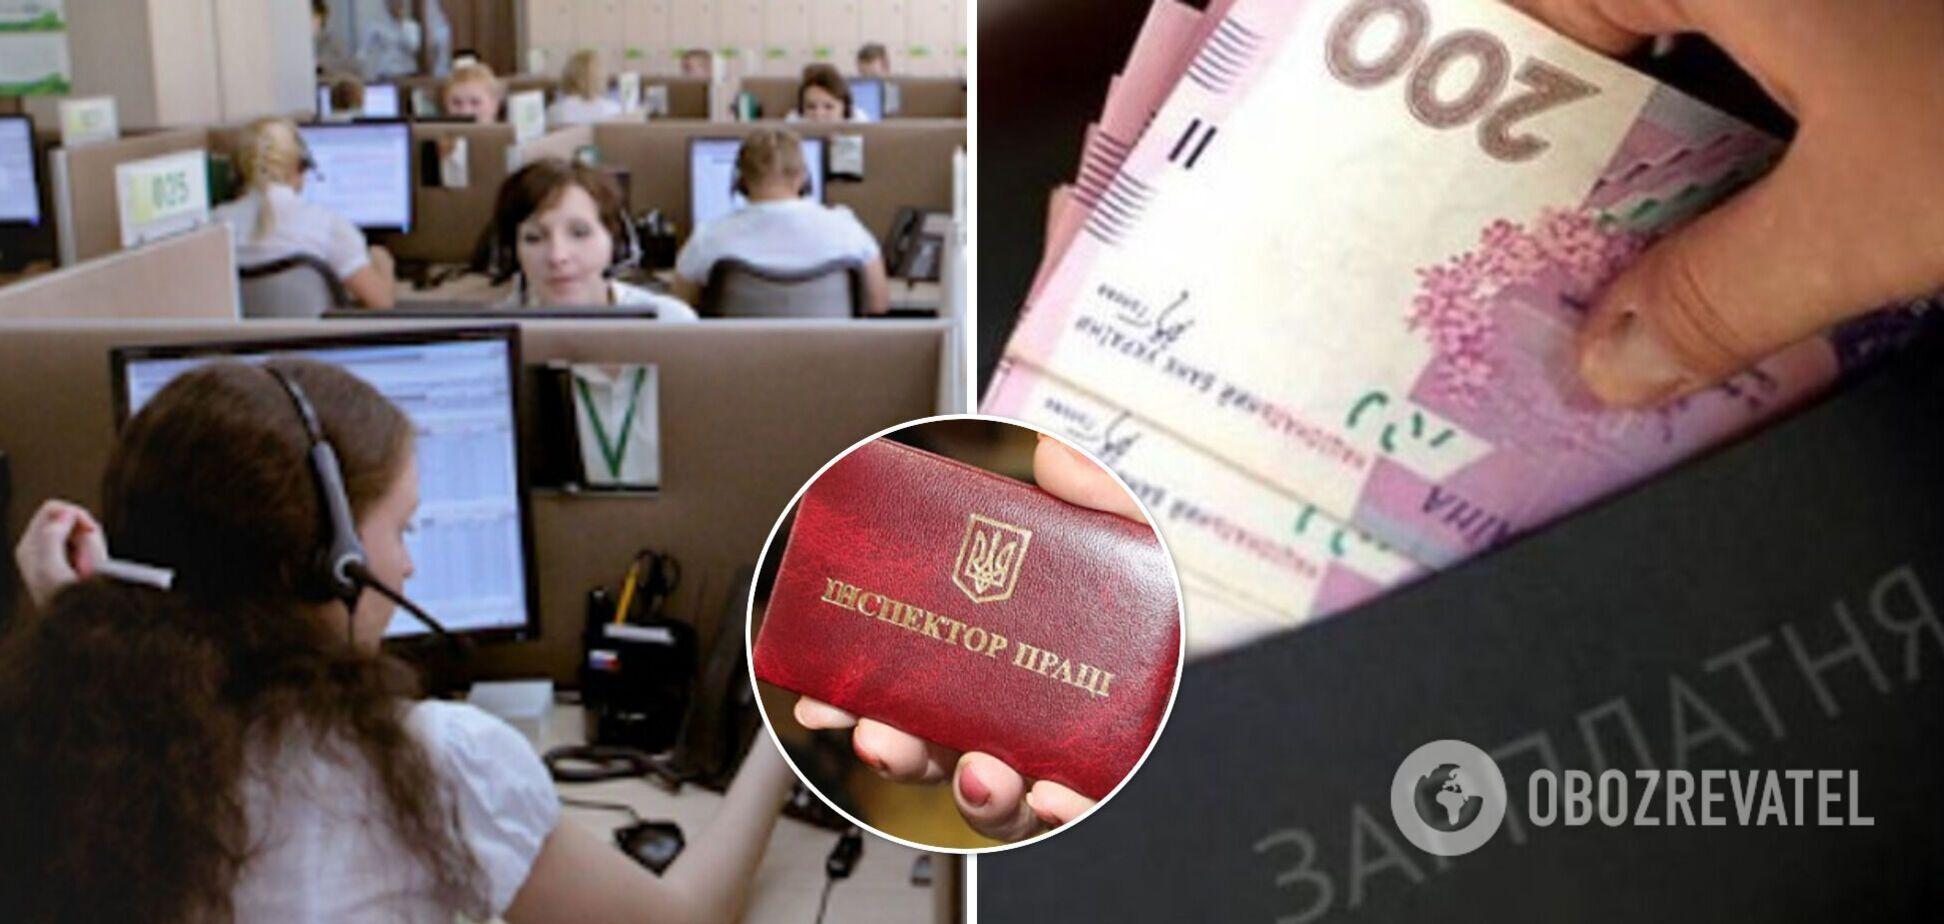 В Украине за первый месяц проверок выявили более 5 тысяч теневых работников – Минэкономики